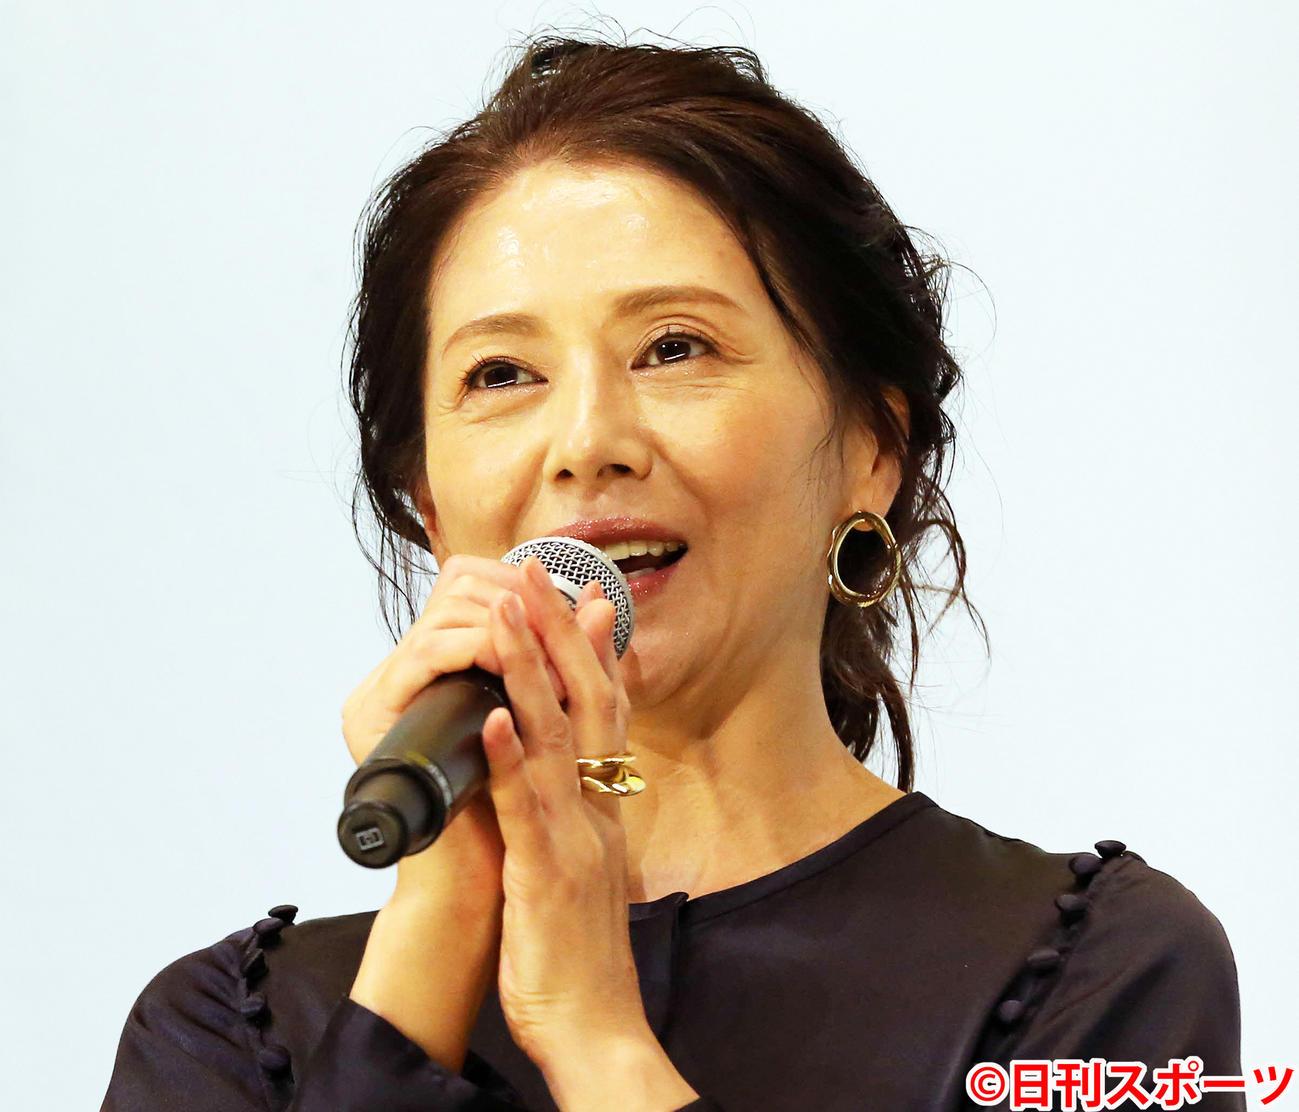 小泉今日子(2018年9月22日撮影)